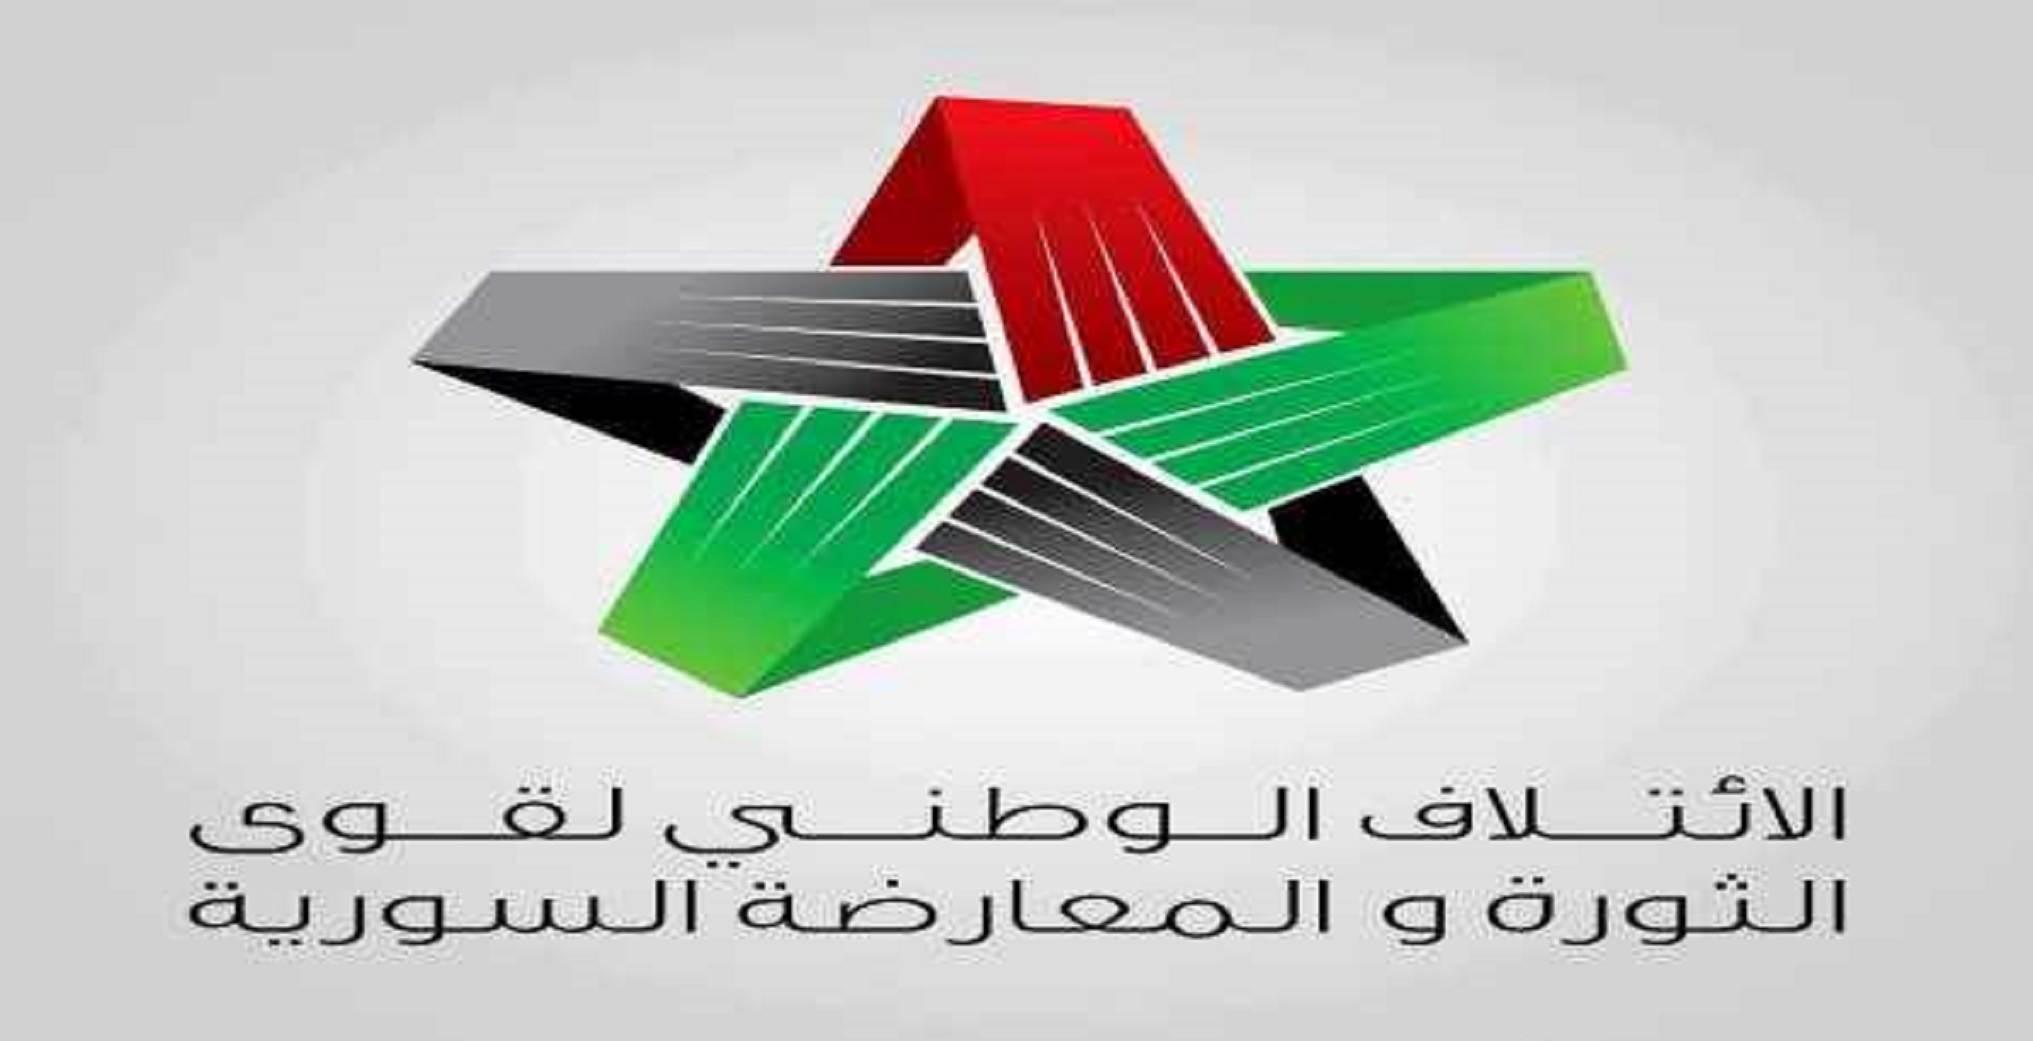 الائتلاف السوري يعرب عن تضامنه مع